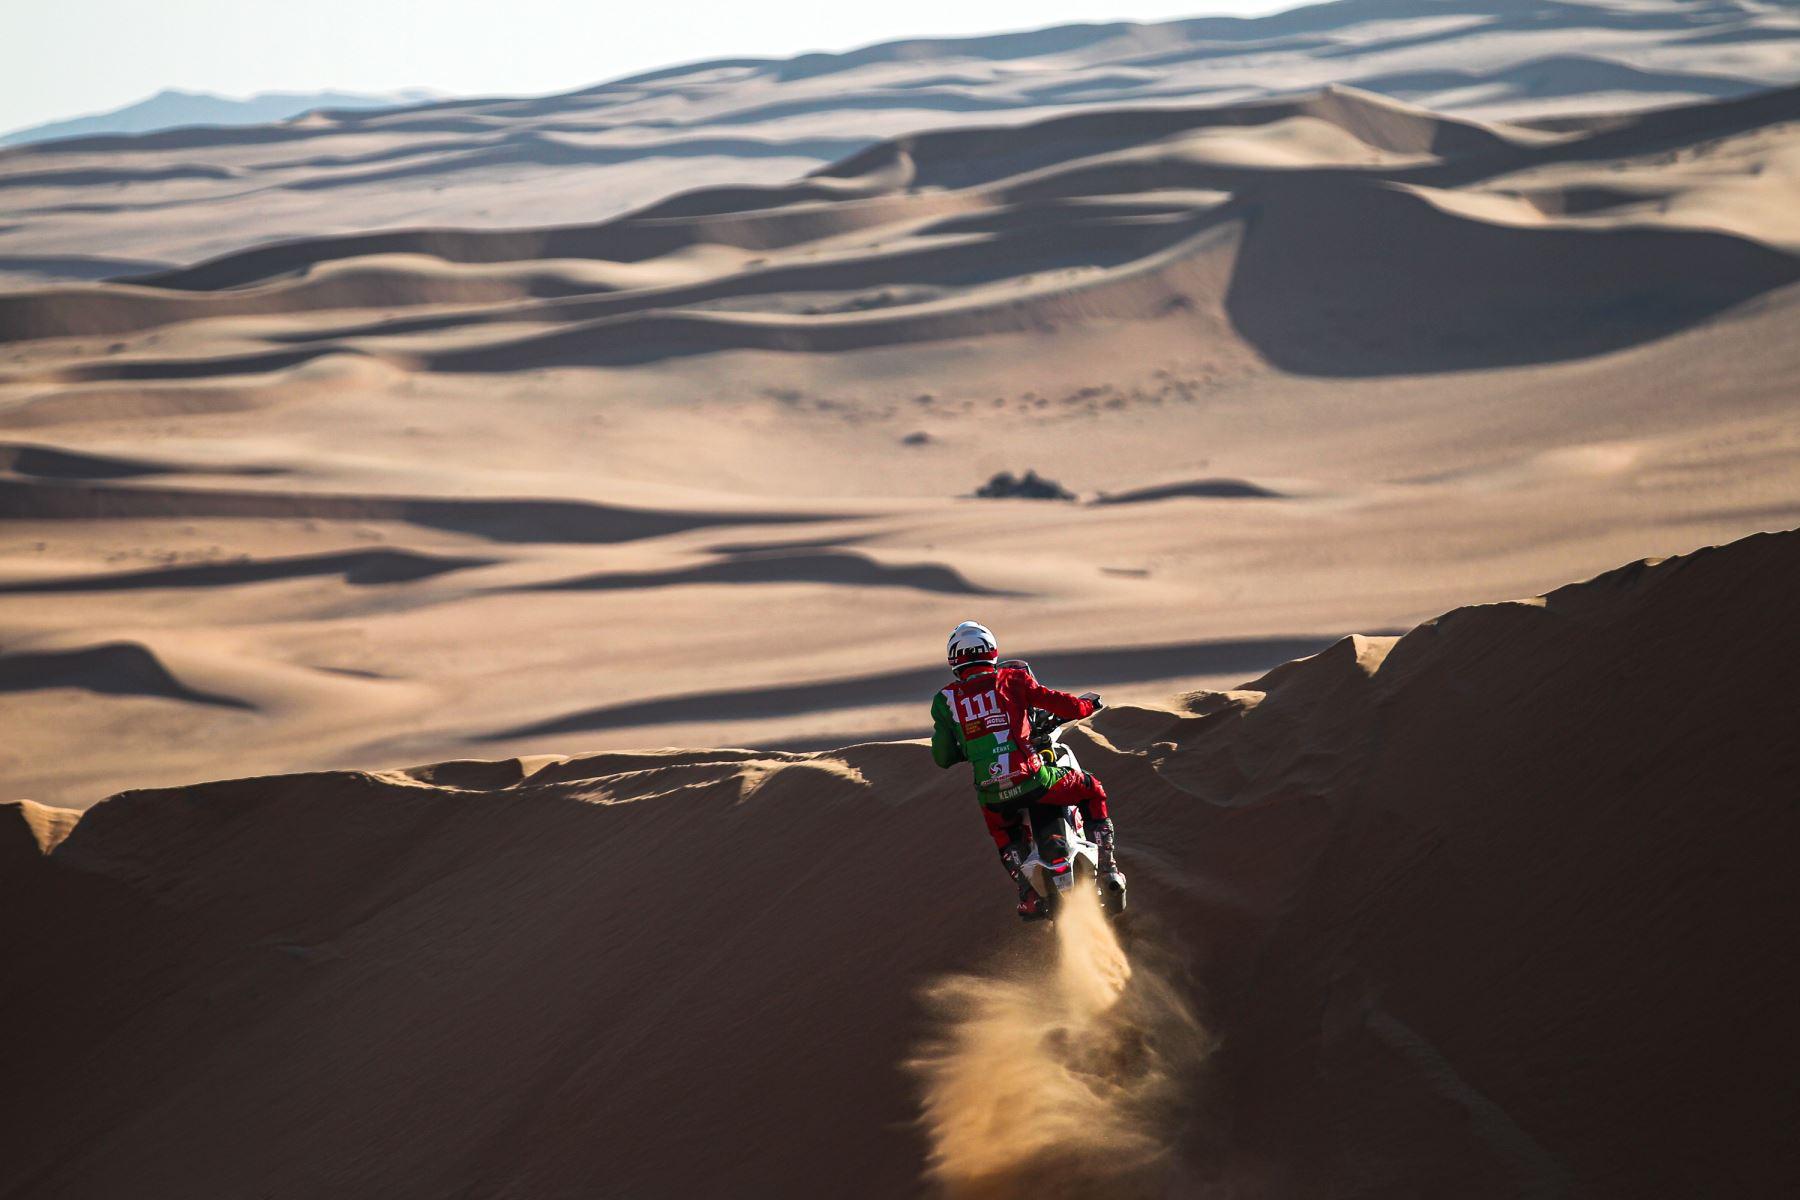 rally-dakar-pierre-cherpin-el-piloto-numero-27-fallecido-en-la-competencia